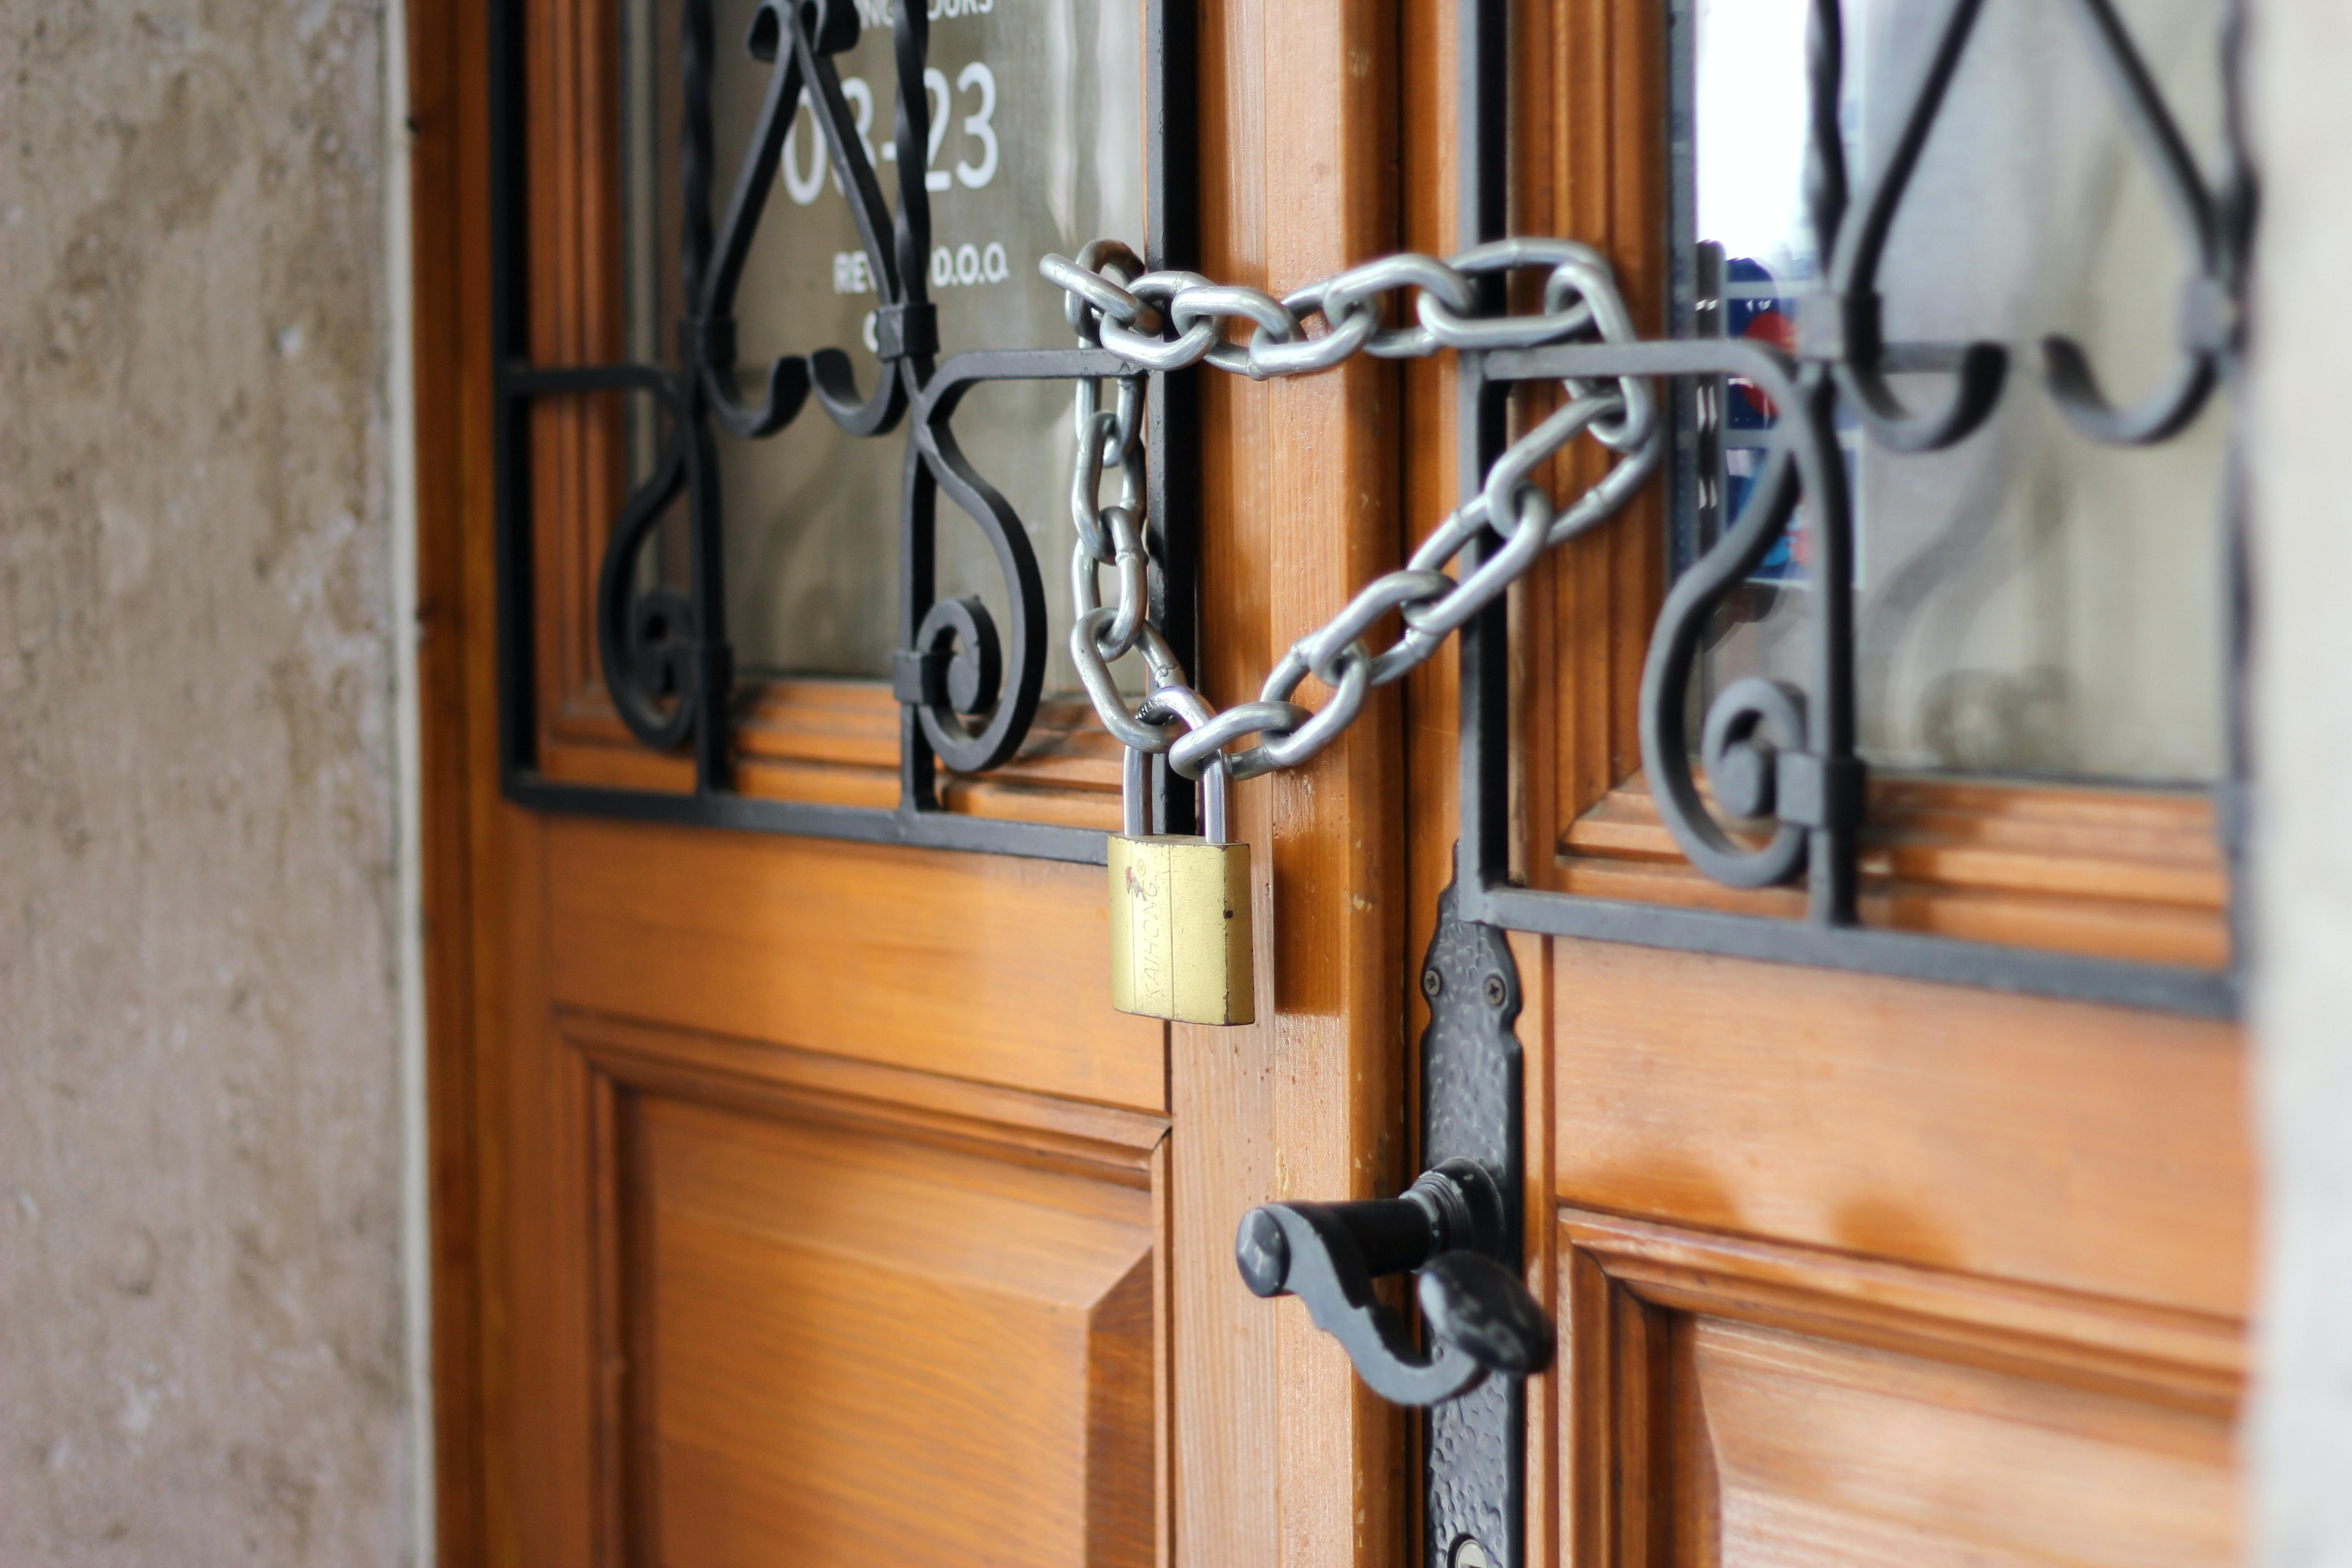 Medidas básicas para proteger tu hogar durante las vacaciones